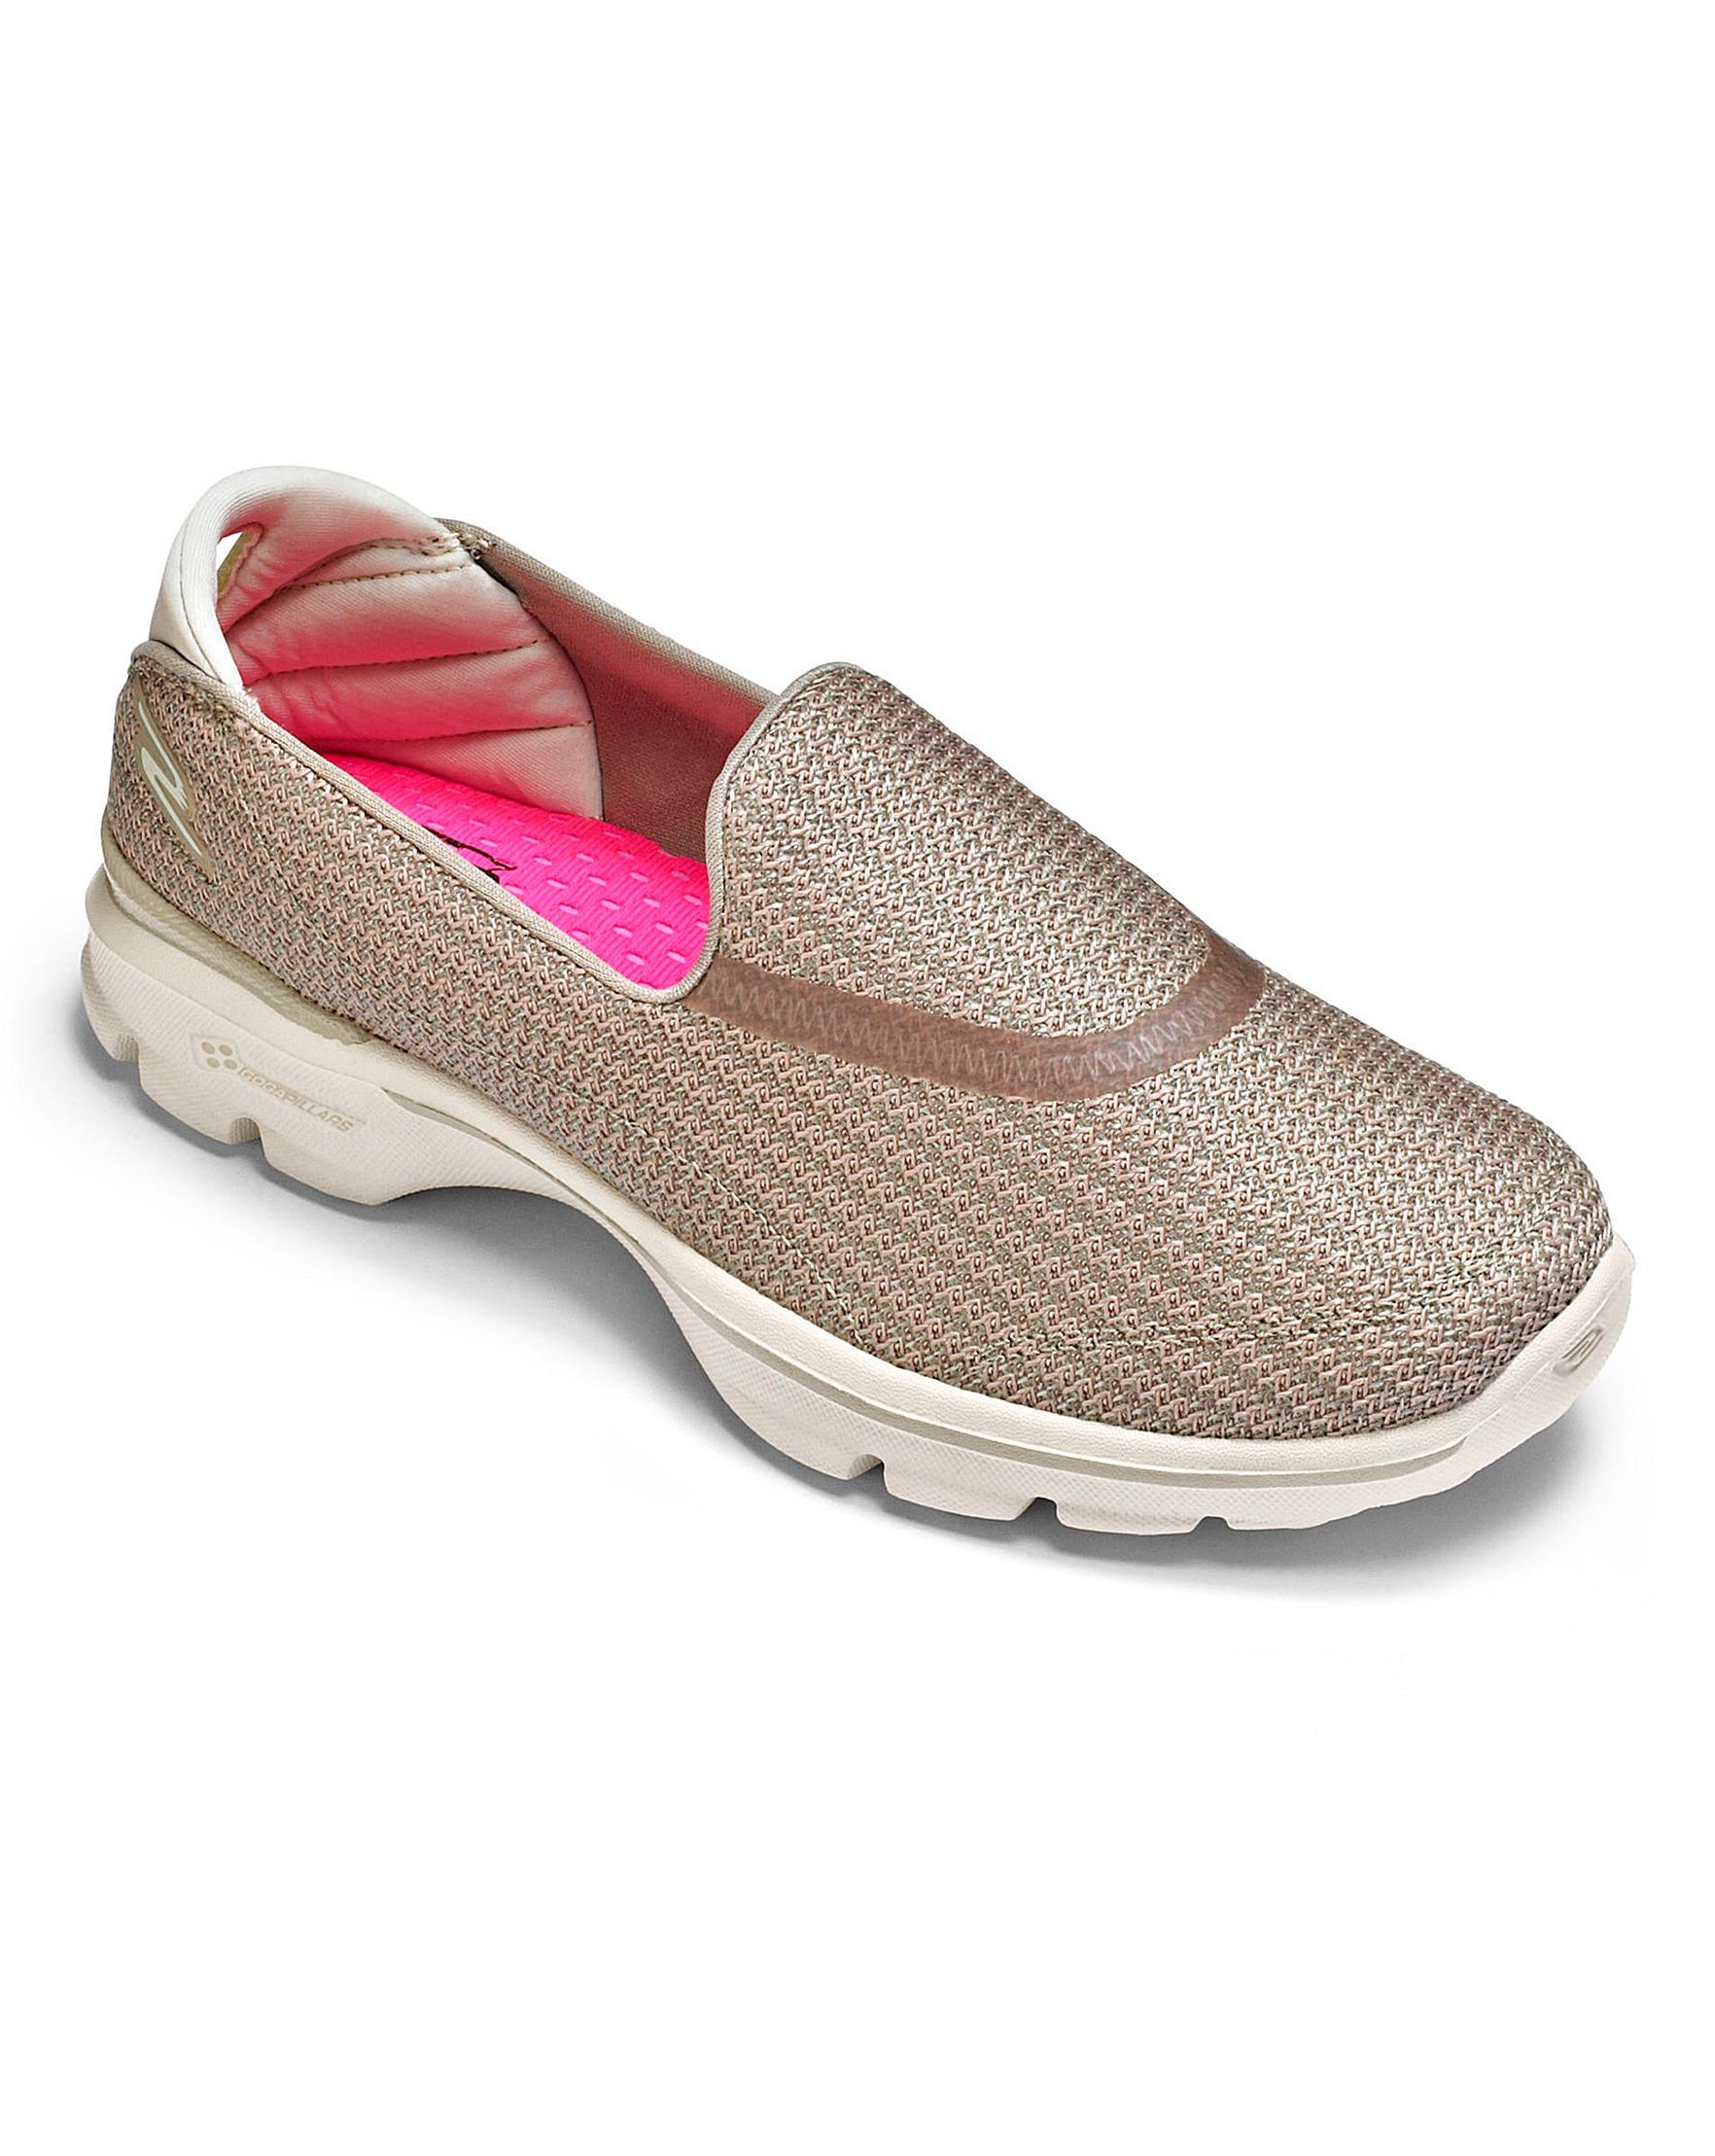 winkel bestsellers op voeten bij sportschoenen Skechers Go Walk 3 Trainers Wide Fit